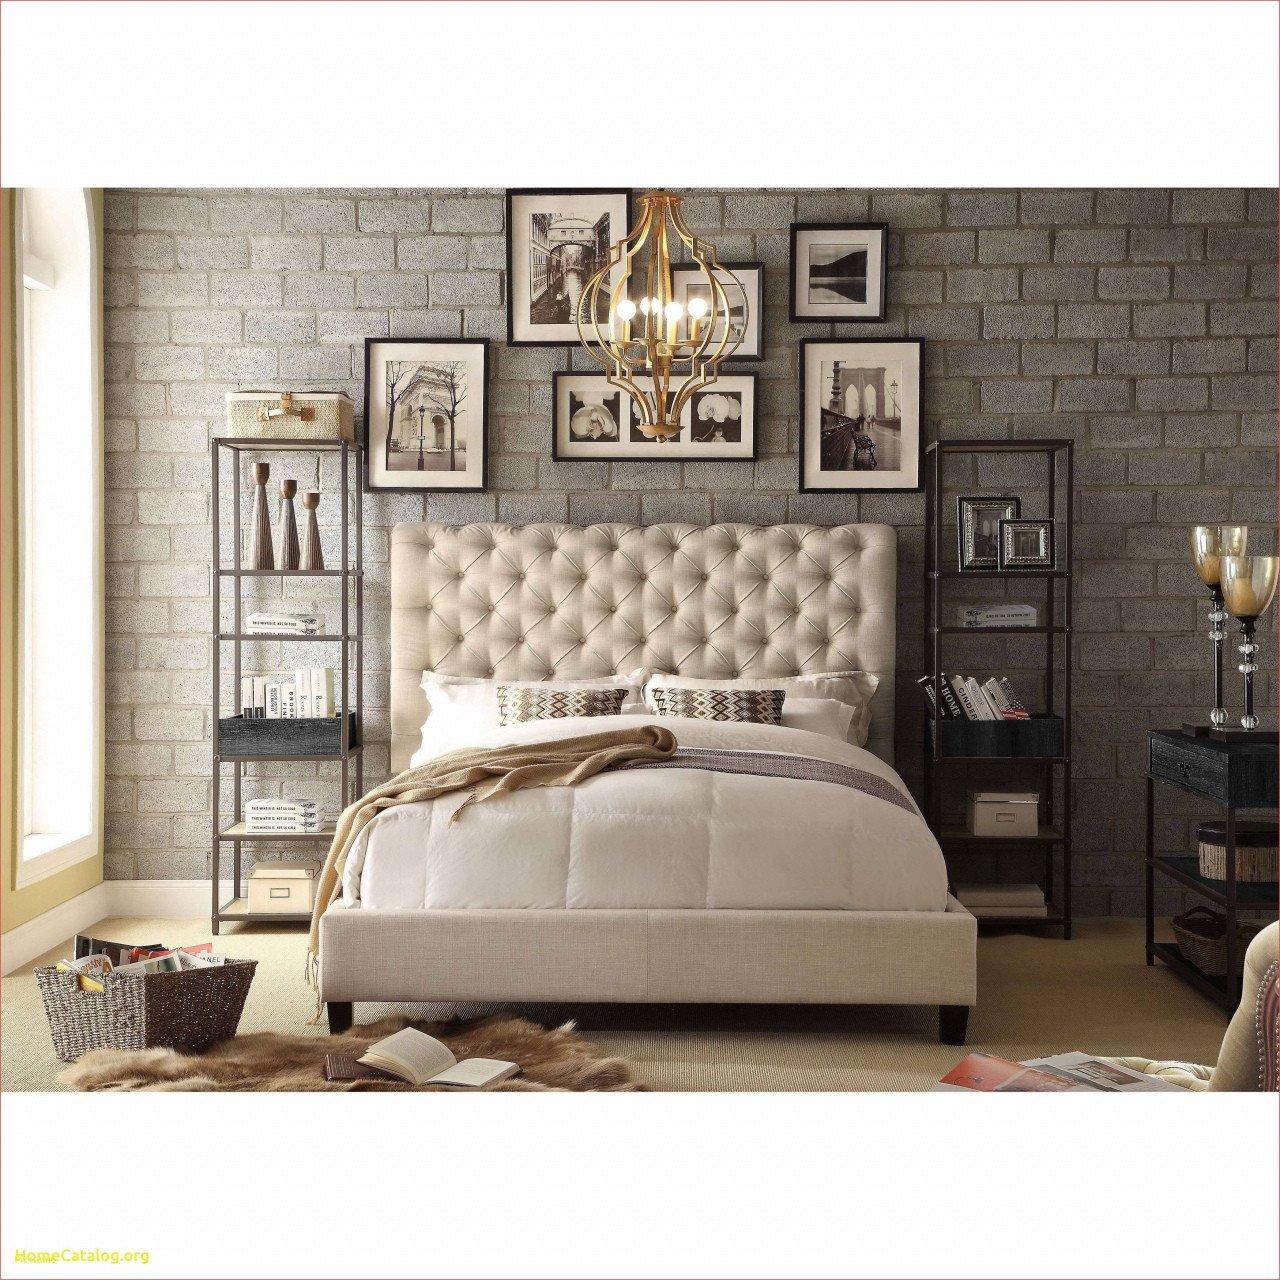 Wayfair Bedroom Set Queen Unique Gothic Bedroom Furniture — Procura Home Blog